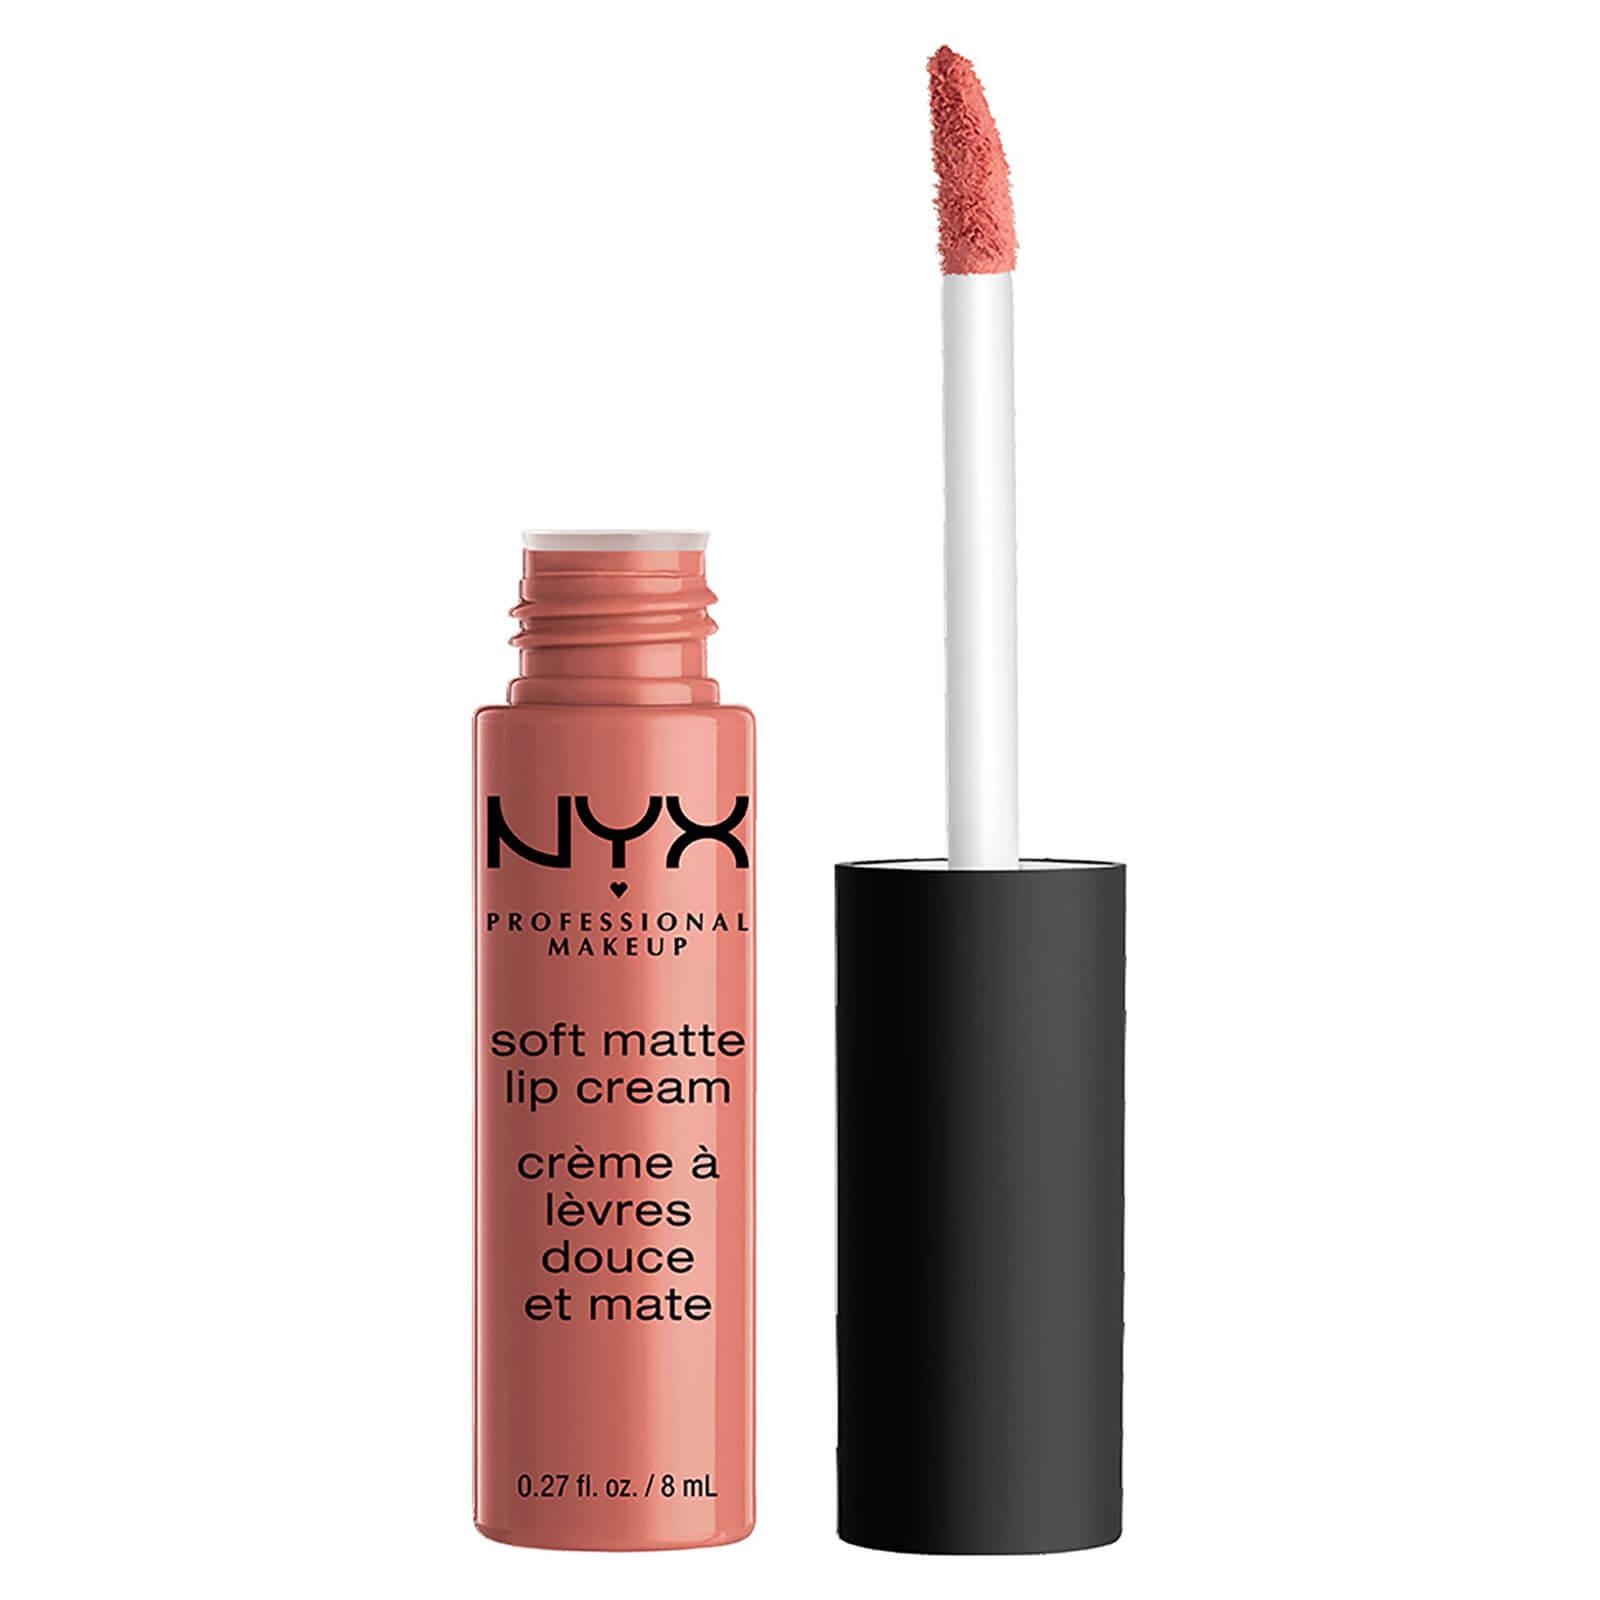 Купить Матовая жидкая помада NYX Professional Makeup Soft Matte Lip Cream (разные оттенки) - Zurich